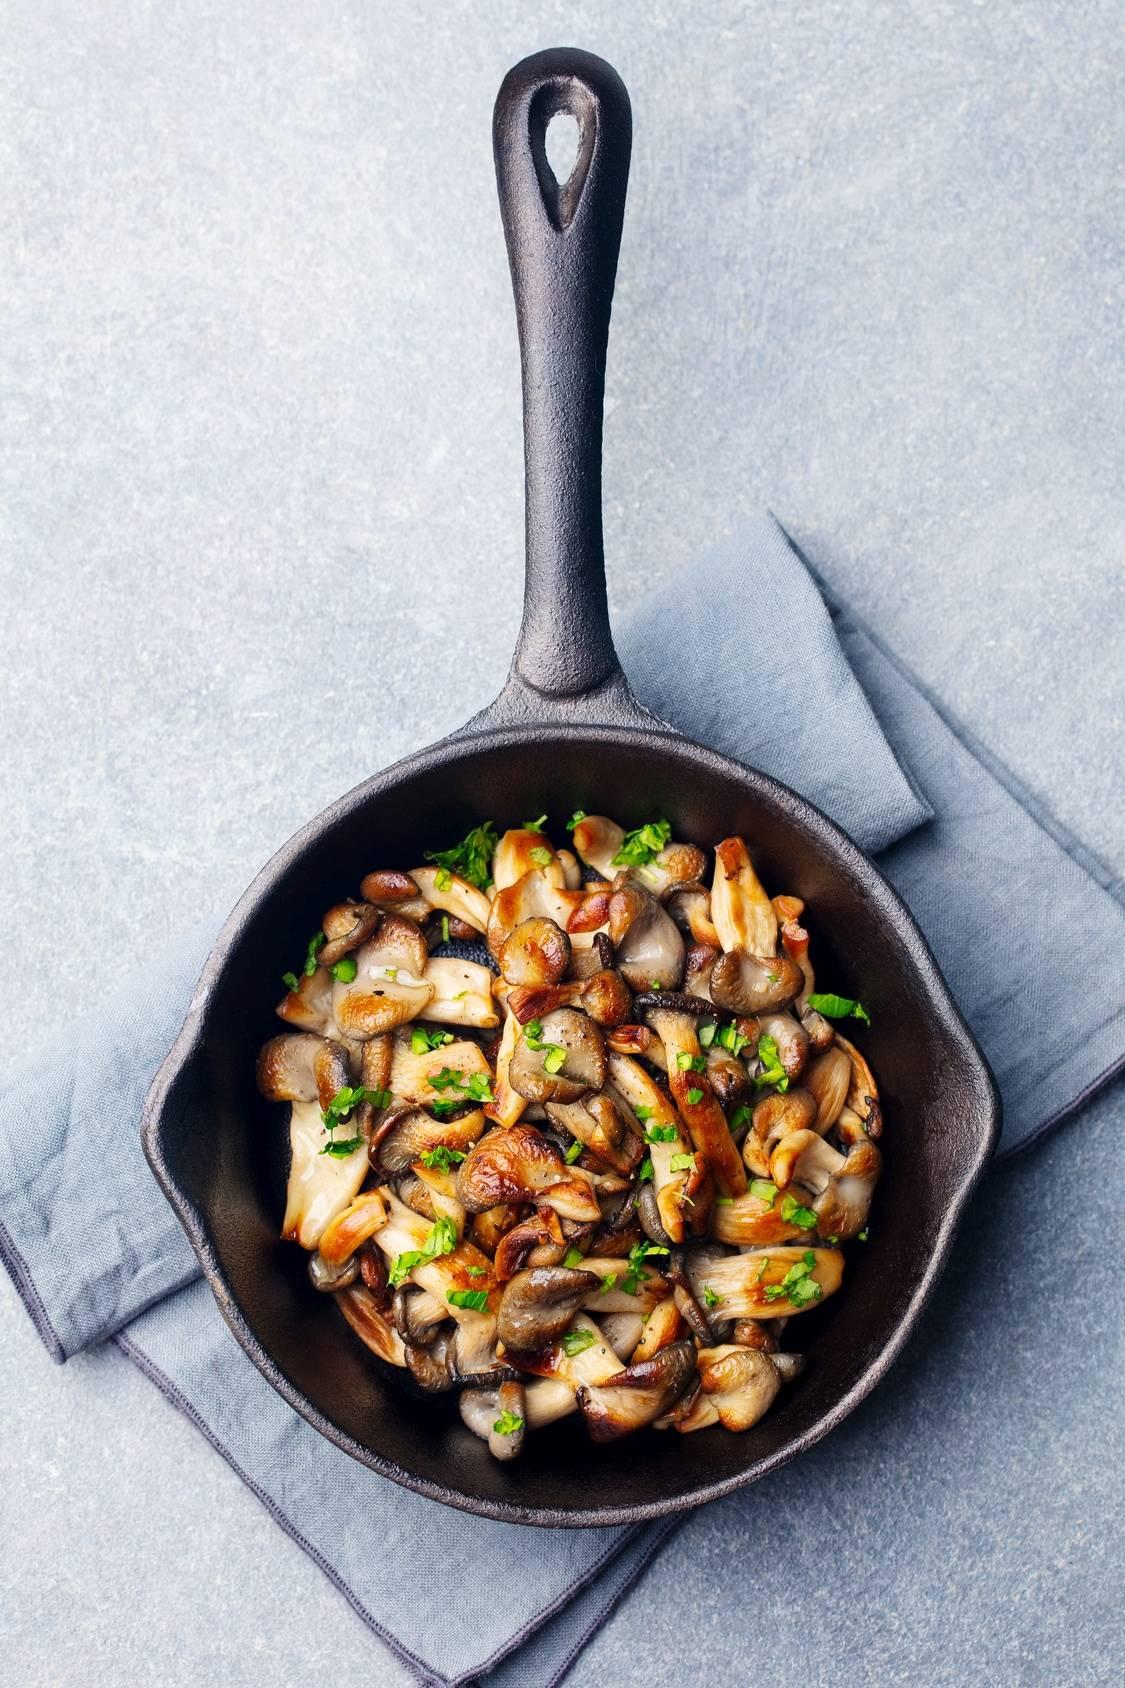 Sprawdź przepis na wegańskie flaczki z boczniaków. Zobacz jak przygotować wegańskie smakołyki dla mięsożerców.